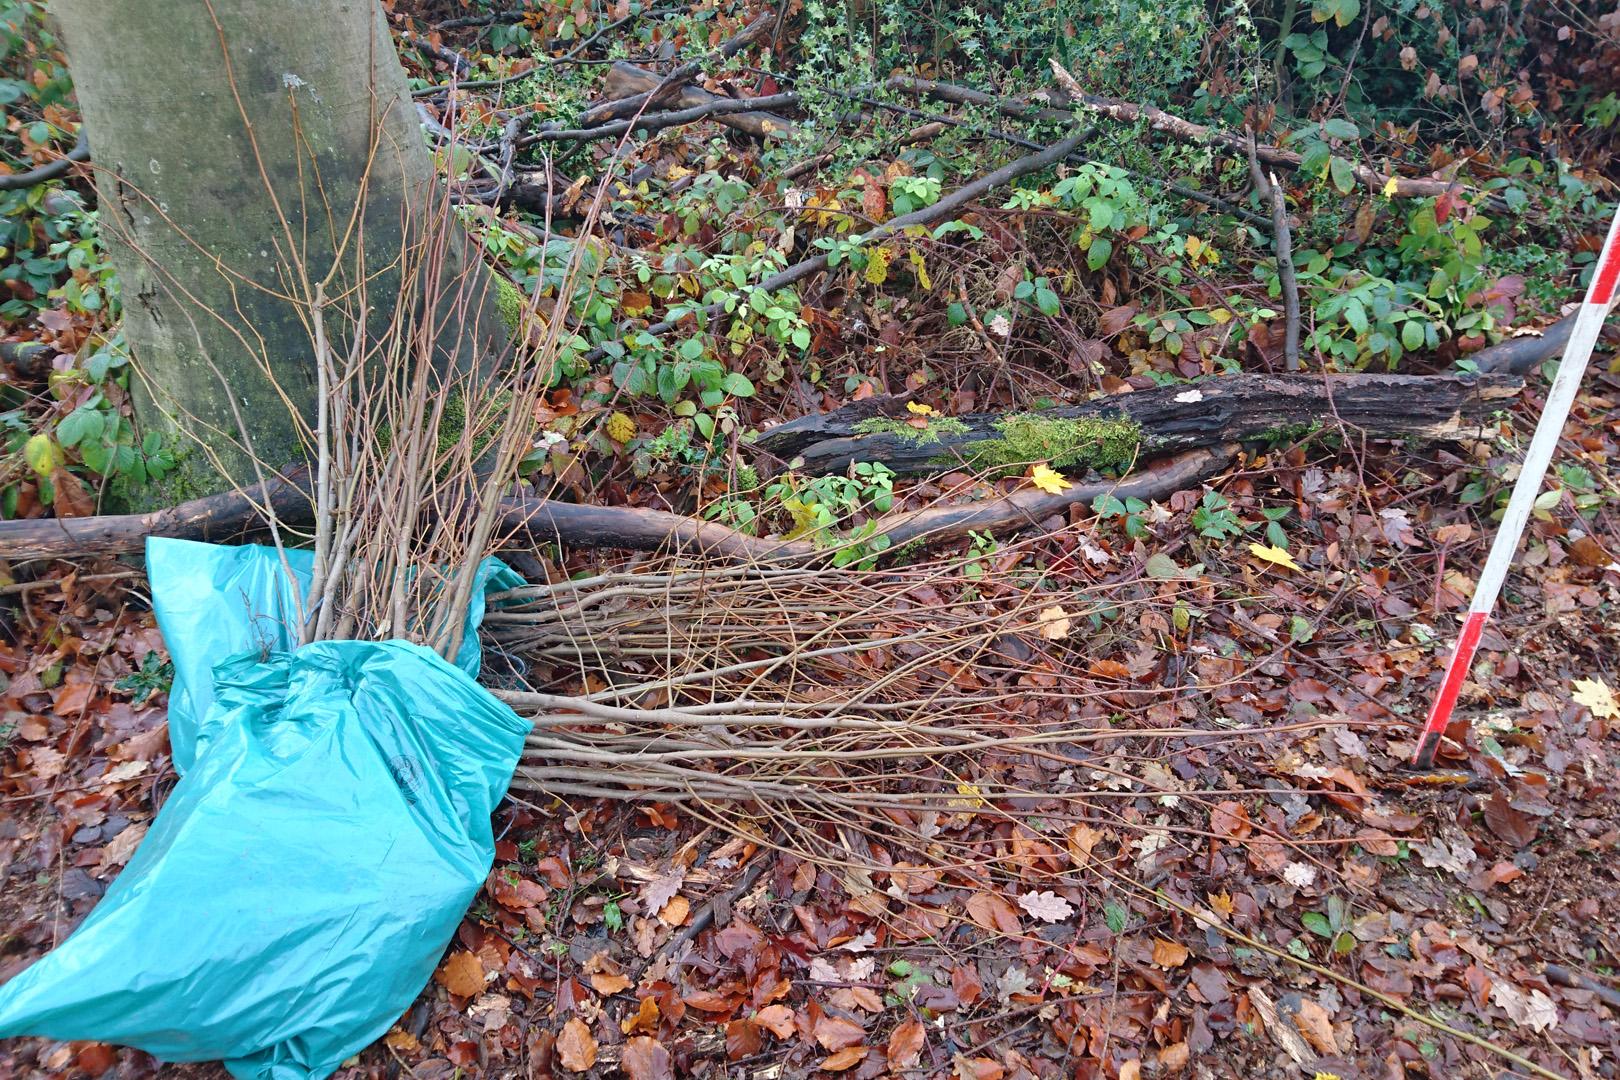 Baumschulware für die Pflanzung von Bäumen im Wald